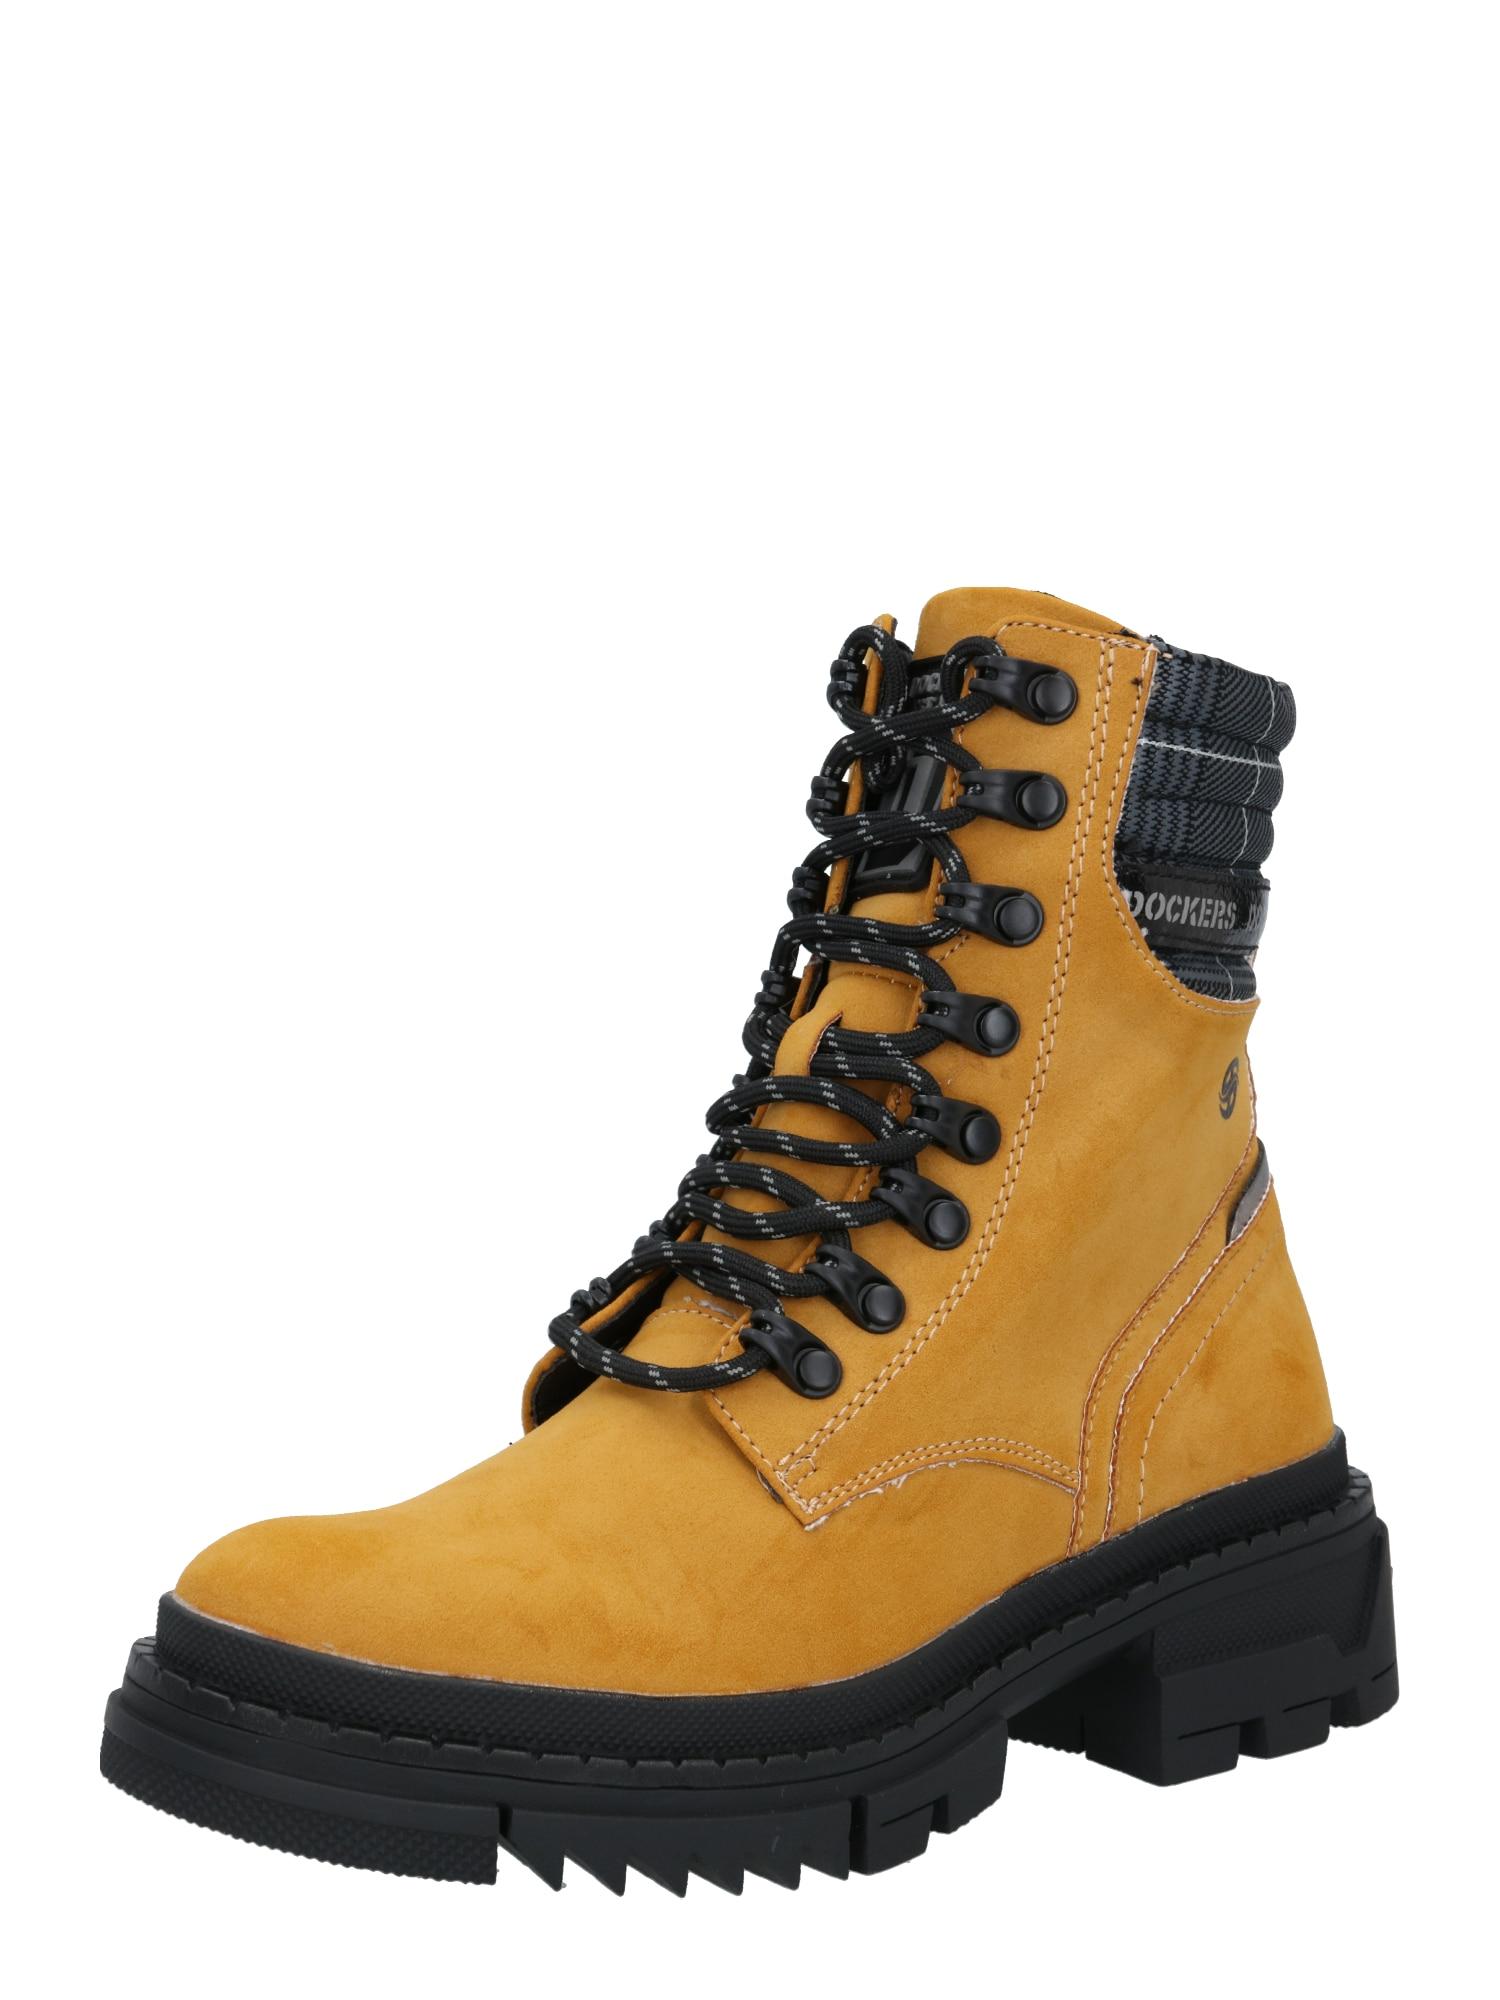 Dockers by Gerli Auliniai batai juoda / aukso geltonumo spalva